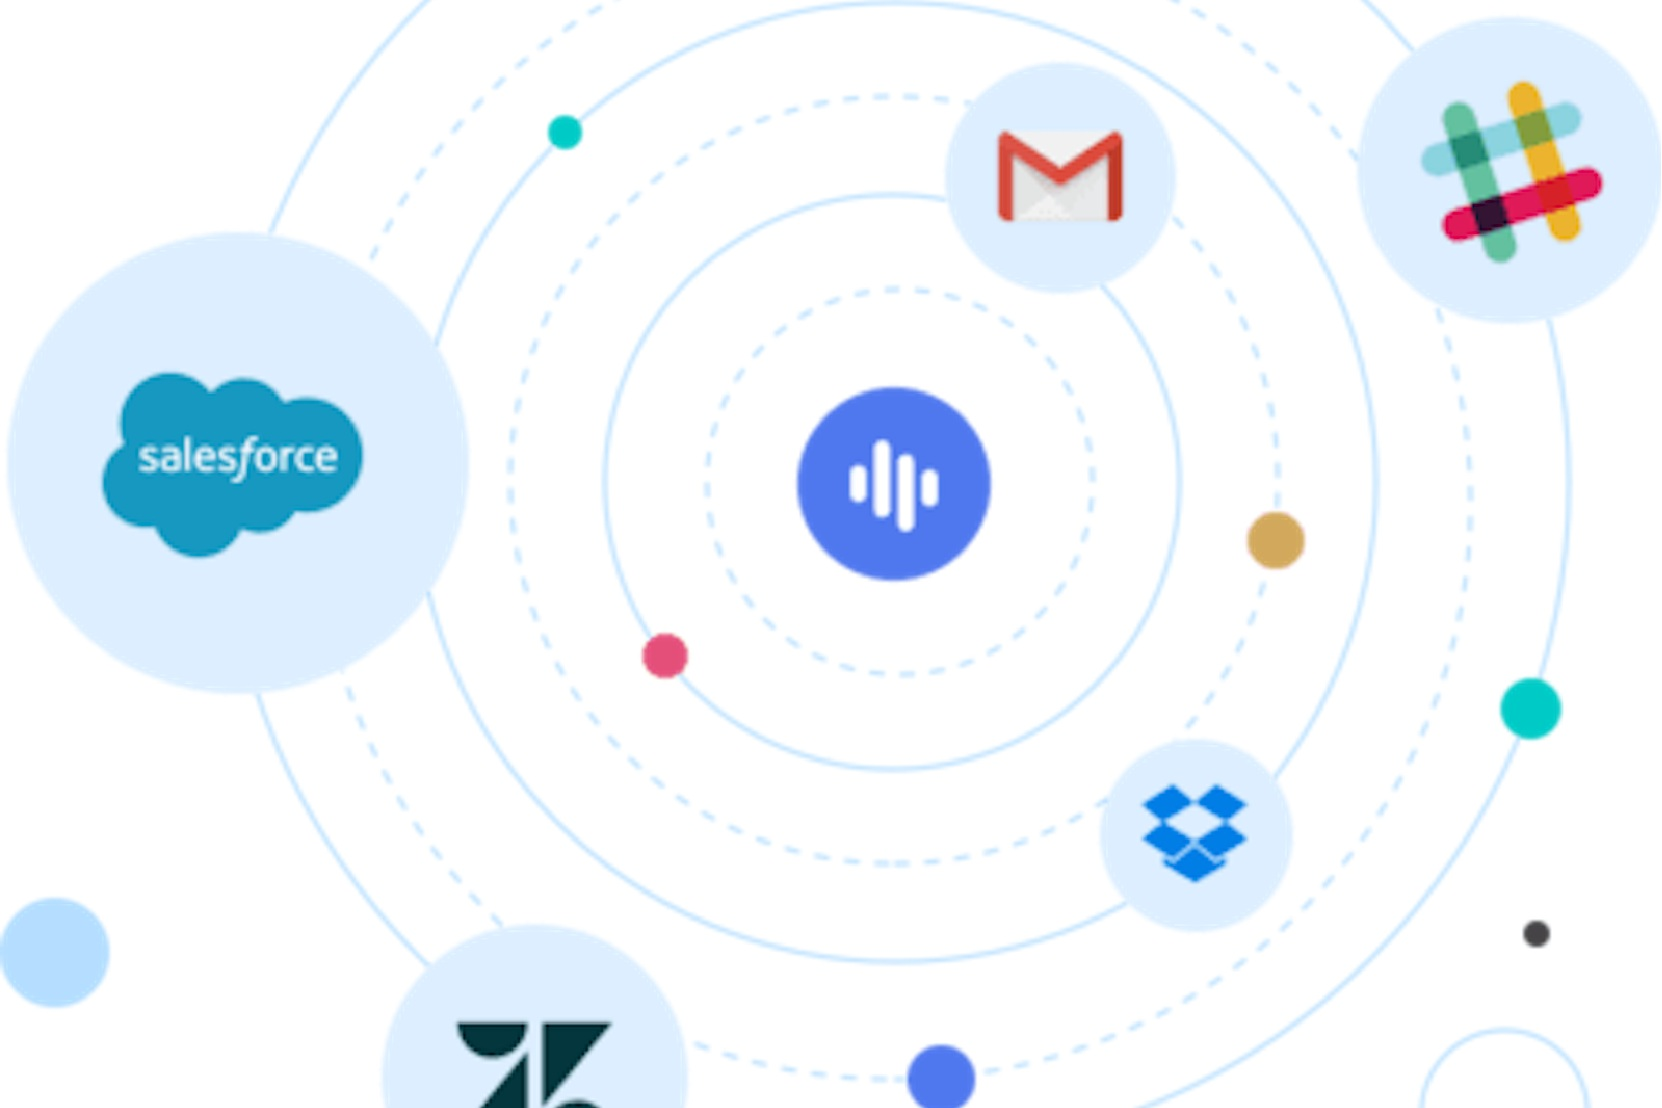 多様な連携機能でより効率的に - DialpadはG suite、Office365、Salesforce、Zendeskなど、身近なビジネスツールと連携しています。これにより業務のスリム化、電話対応の質の向上や営業生産性の向上を実現します。